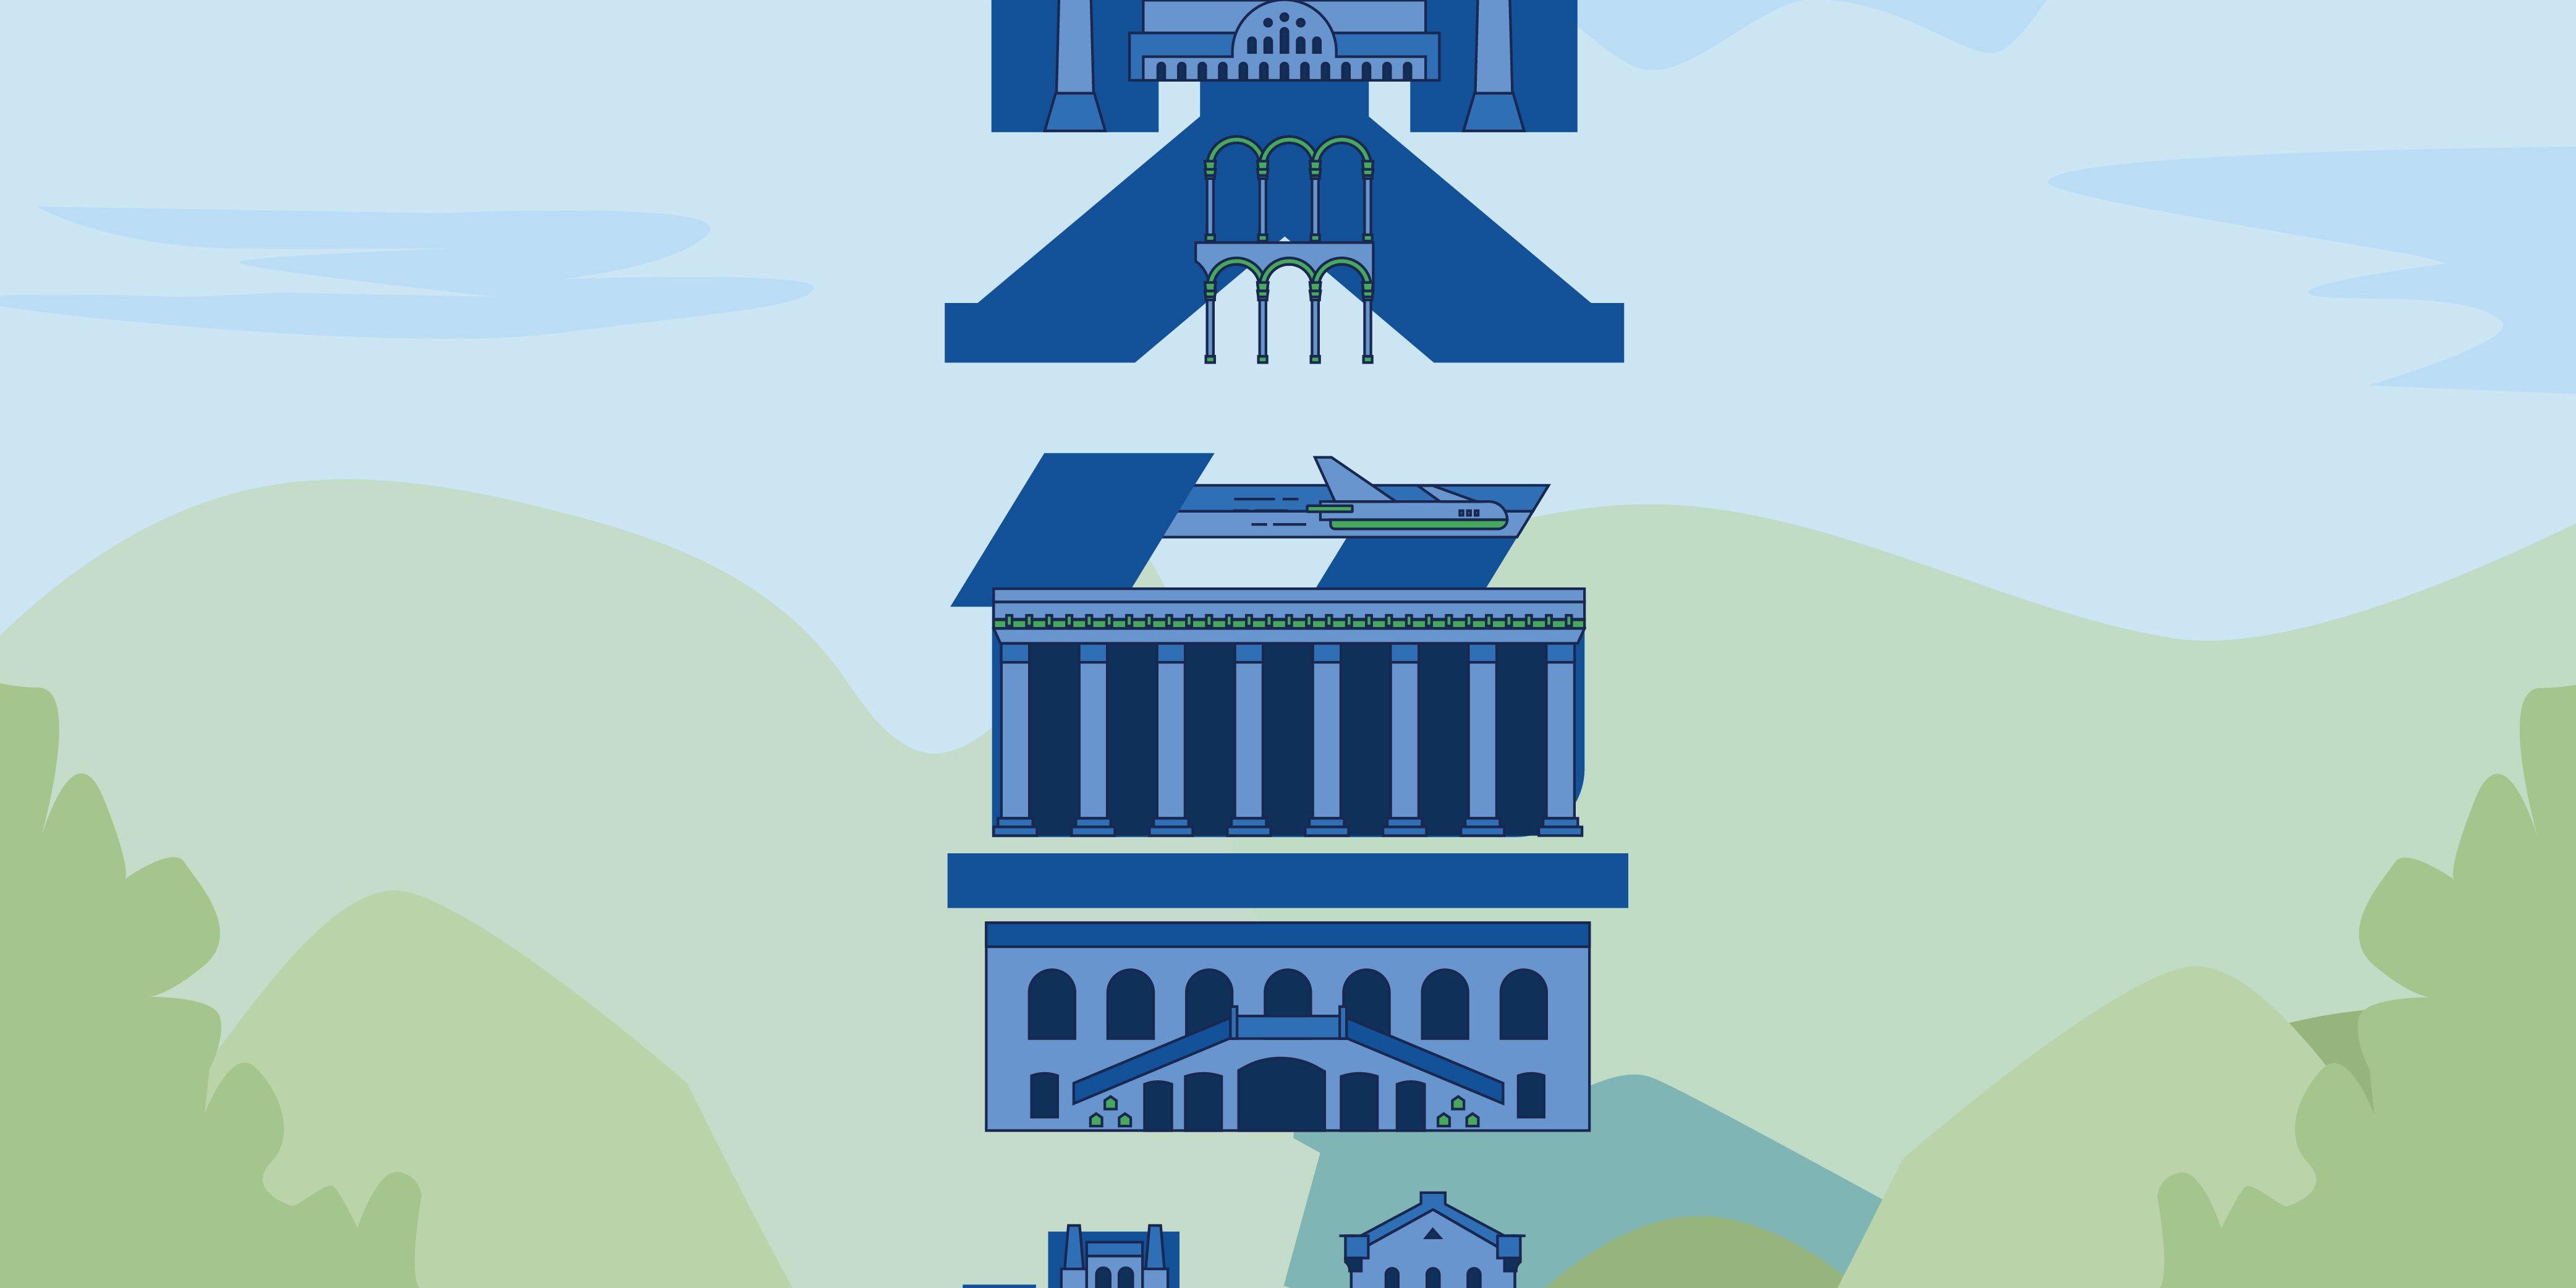 旅游风格主题系字融画行业旅游蓝色贝鲁特旅游wps中绘制的图形不显示不出来图片